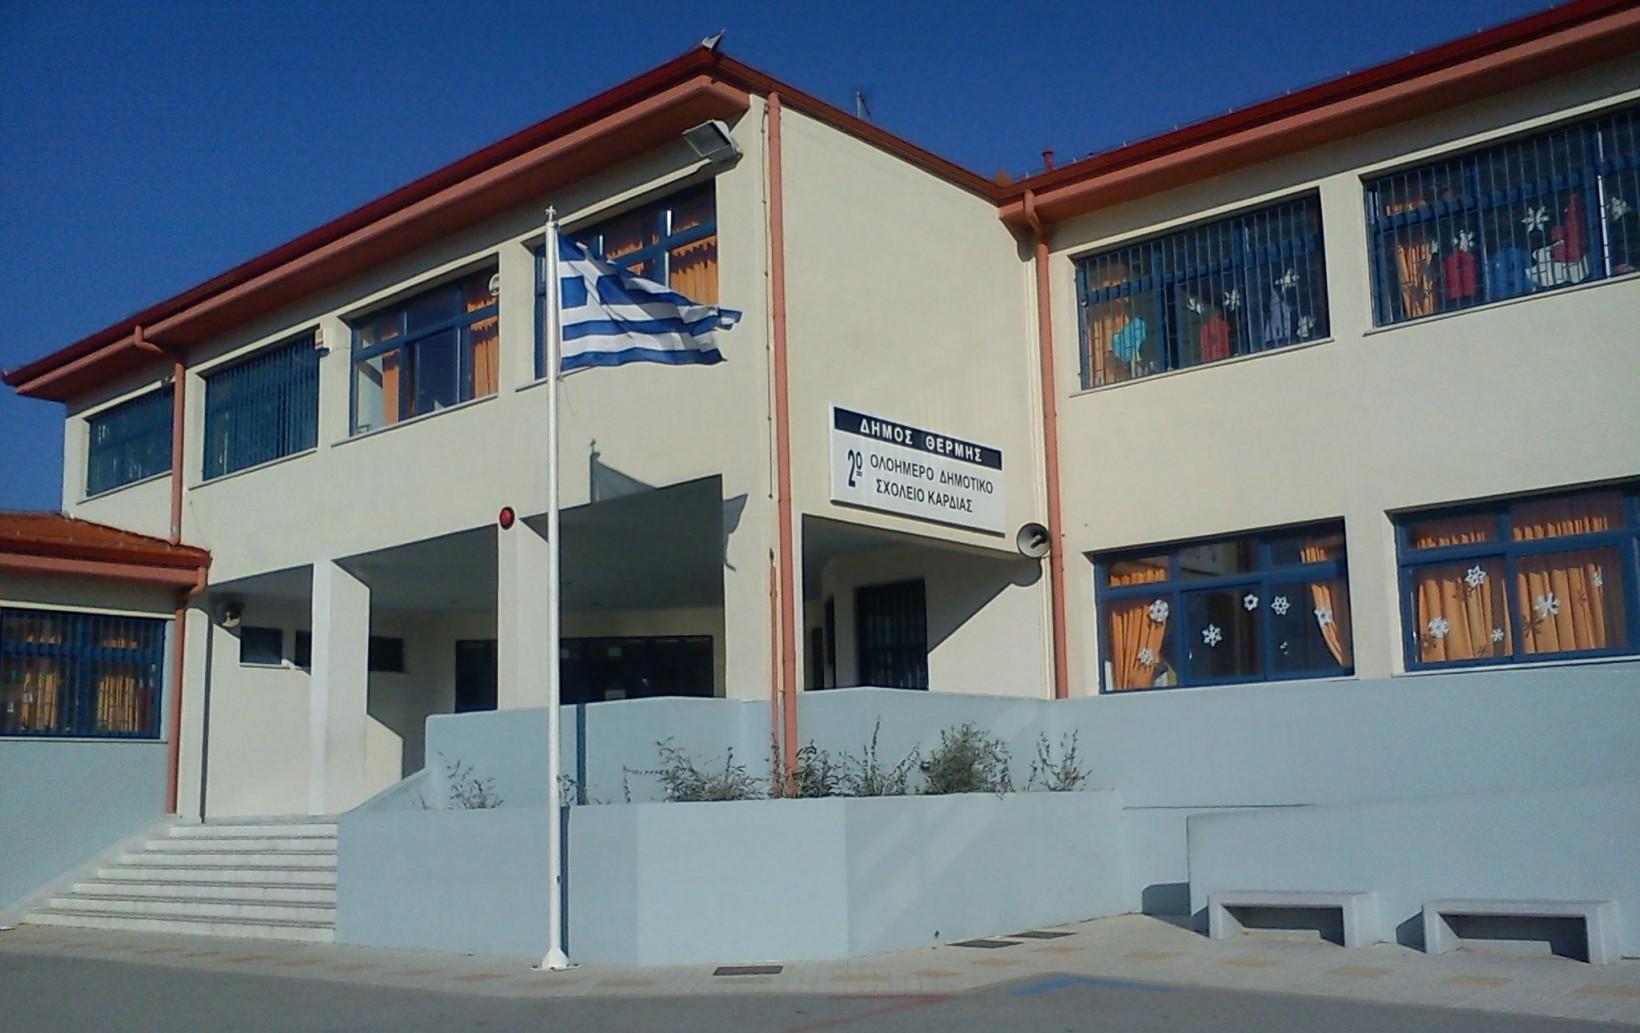 Αποτέλεσμα εικόνας για 2ο Δημοτικό Σχολείο Καρδίας